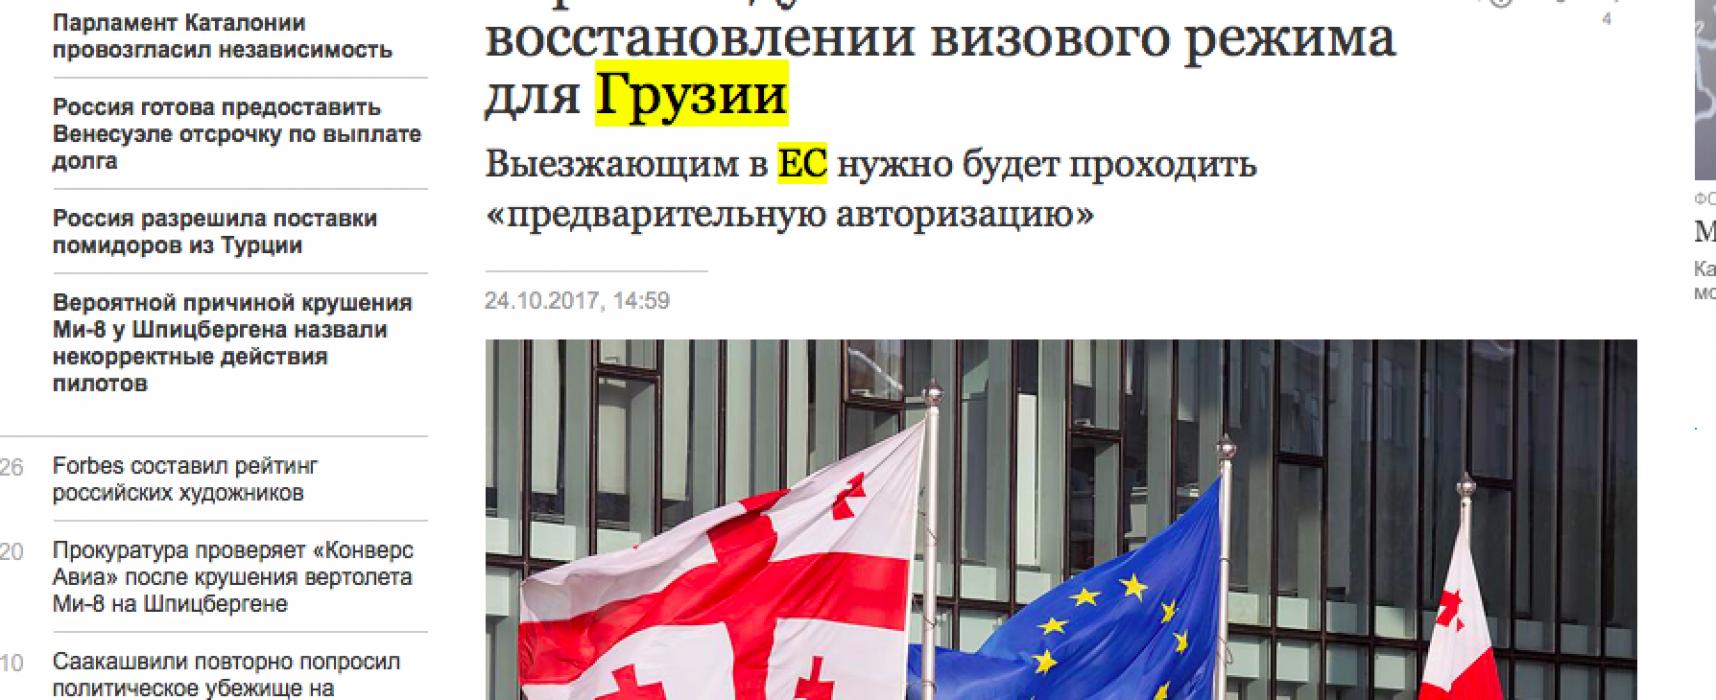 Fake: EU Renews Visa Requirement for Georgia, Ukraine Next